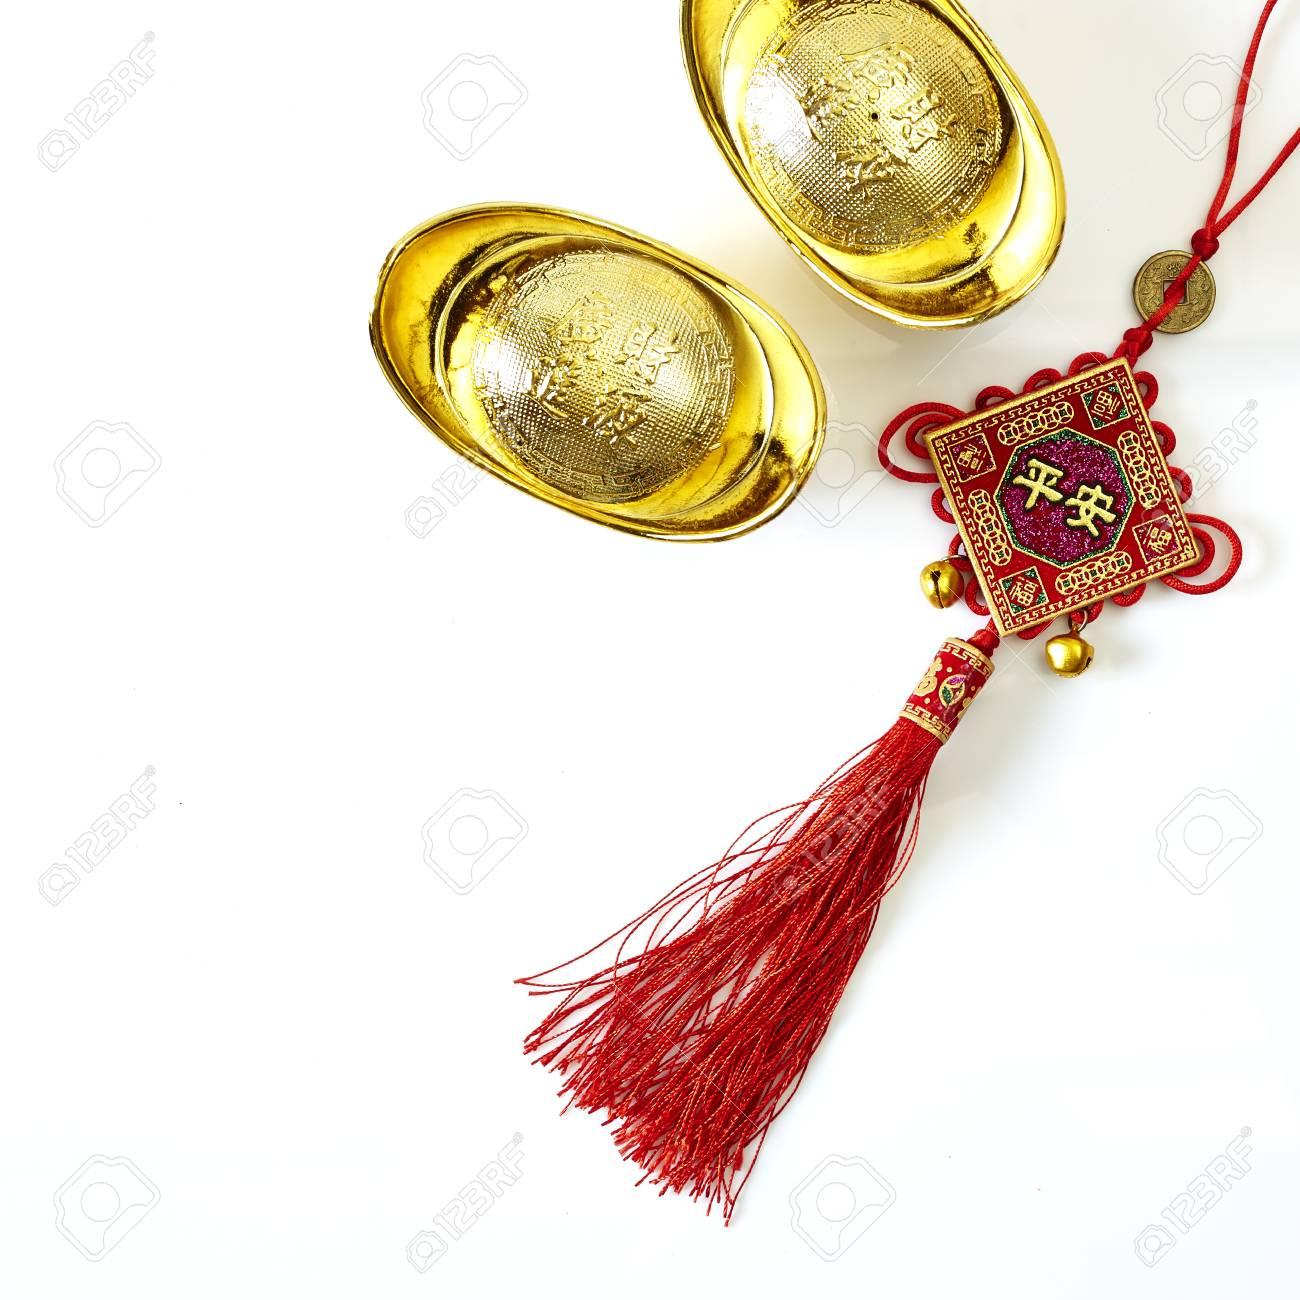 0730bd1bf63d El año nuevo chino es algo sagrado amuletos para traerle buena suerte